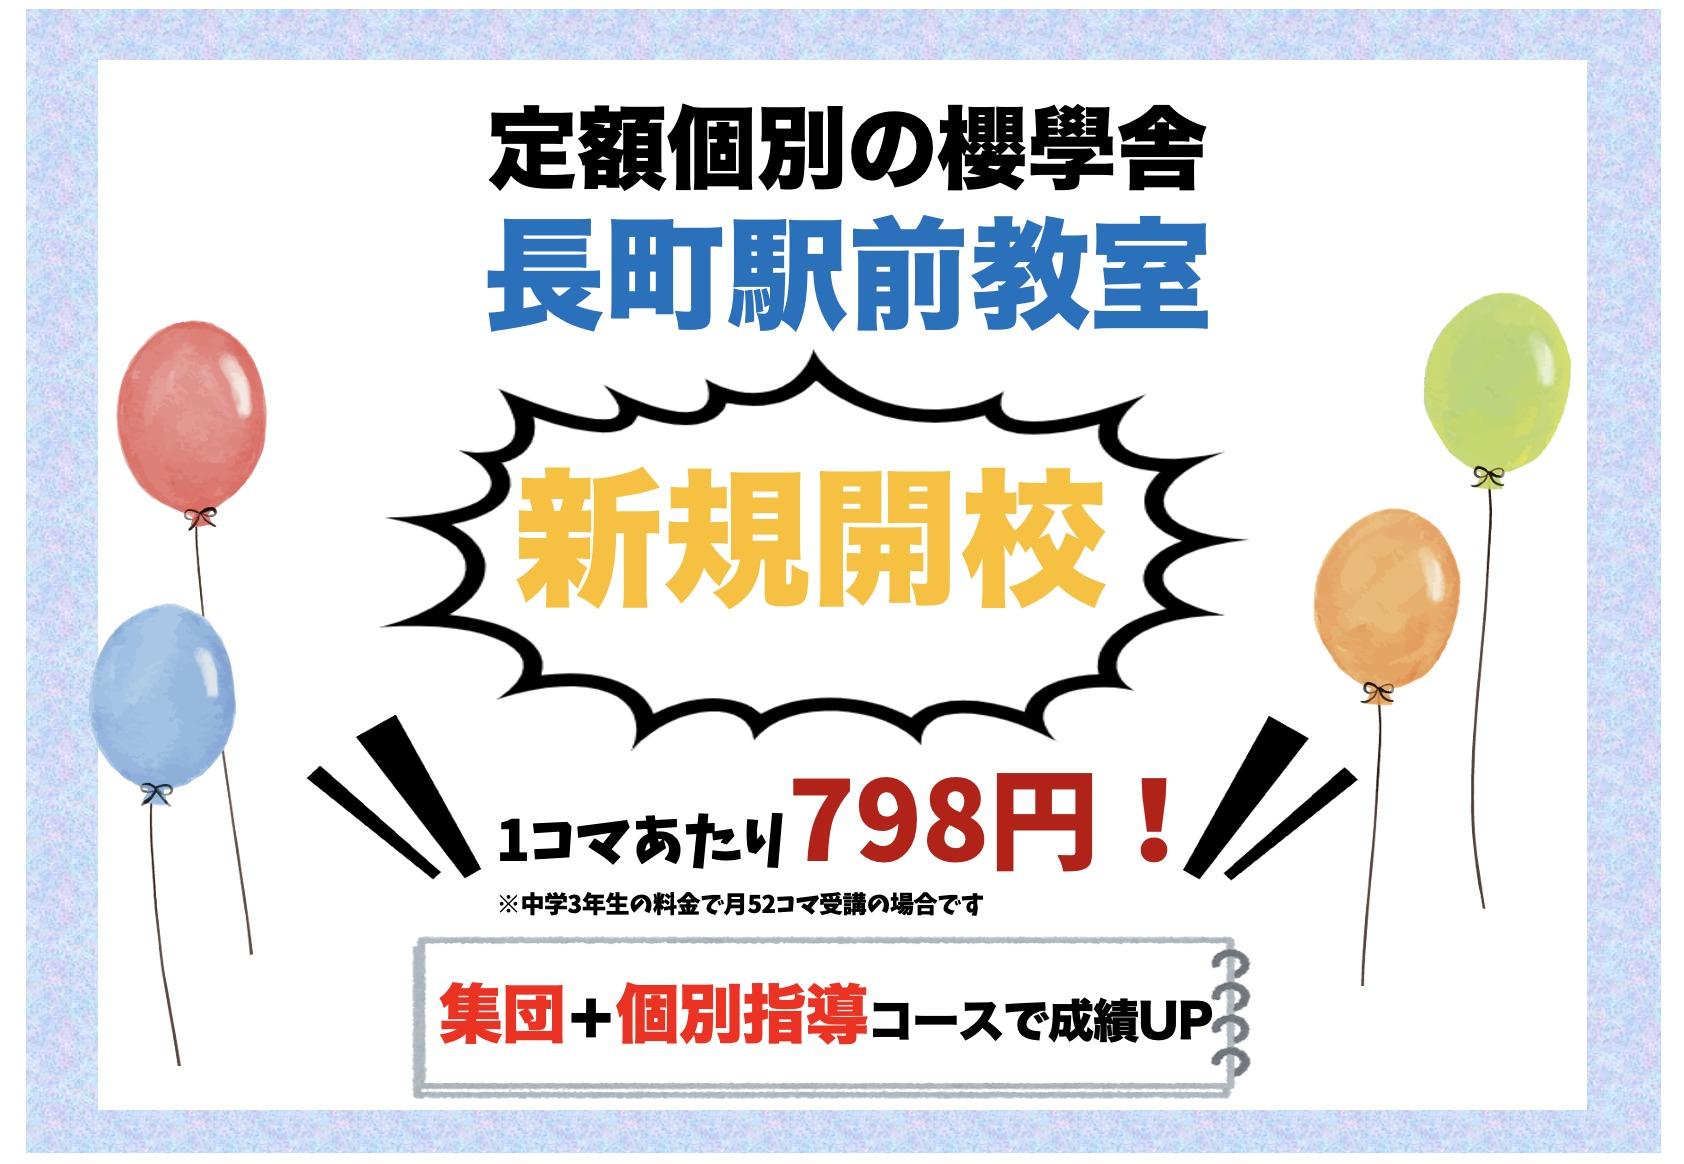 6月1日長町教室新規開校のお知らせ